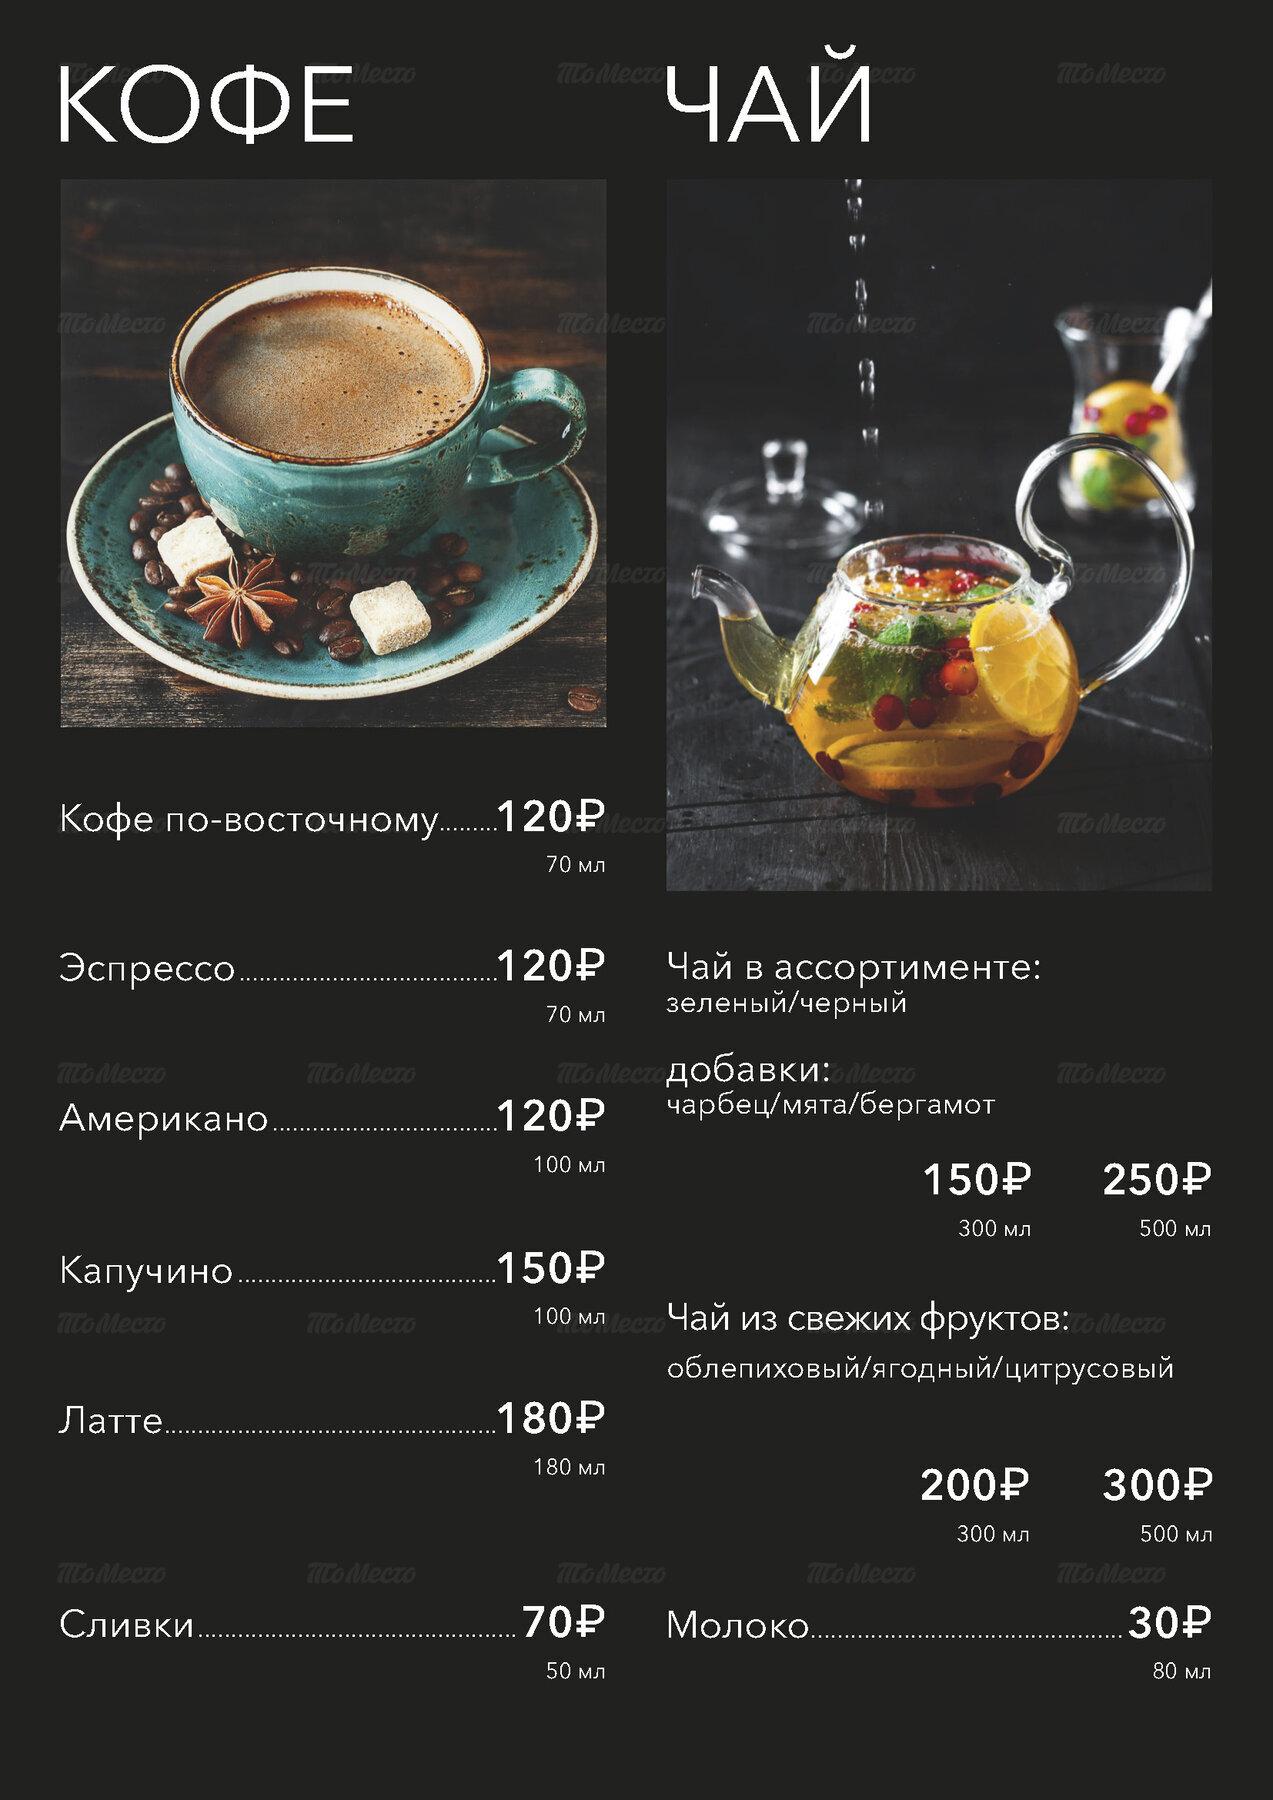 Меню кафе Мадиани на Типанова фото 8